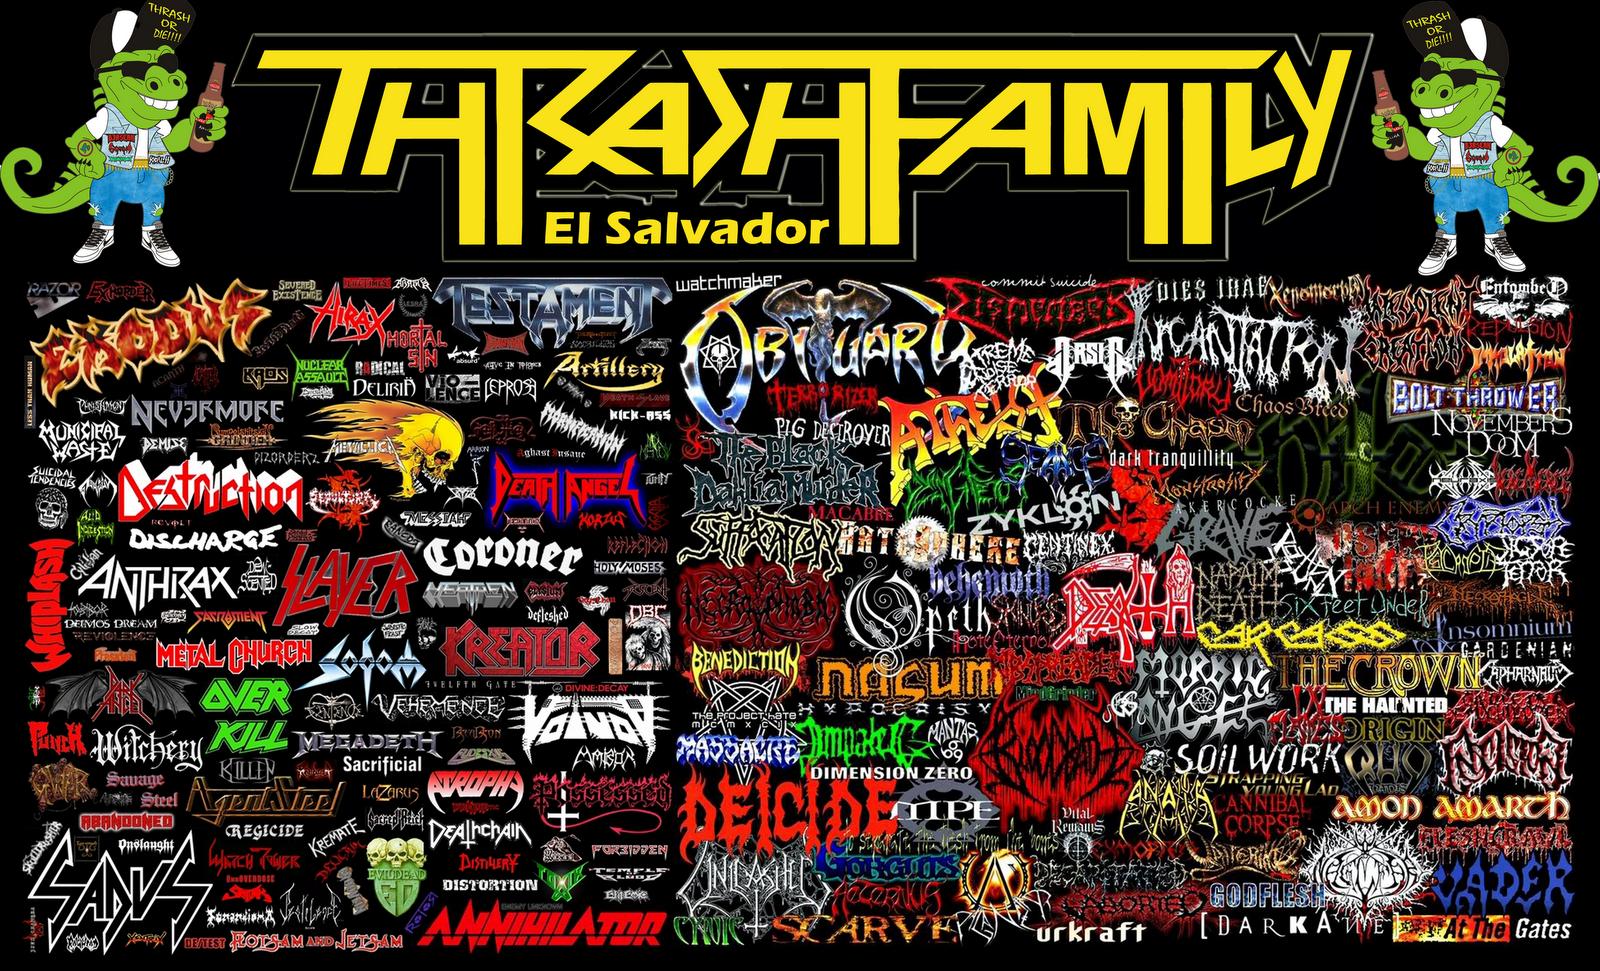 Thrash Family El Salvador